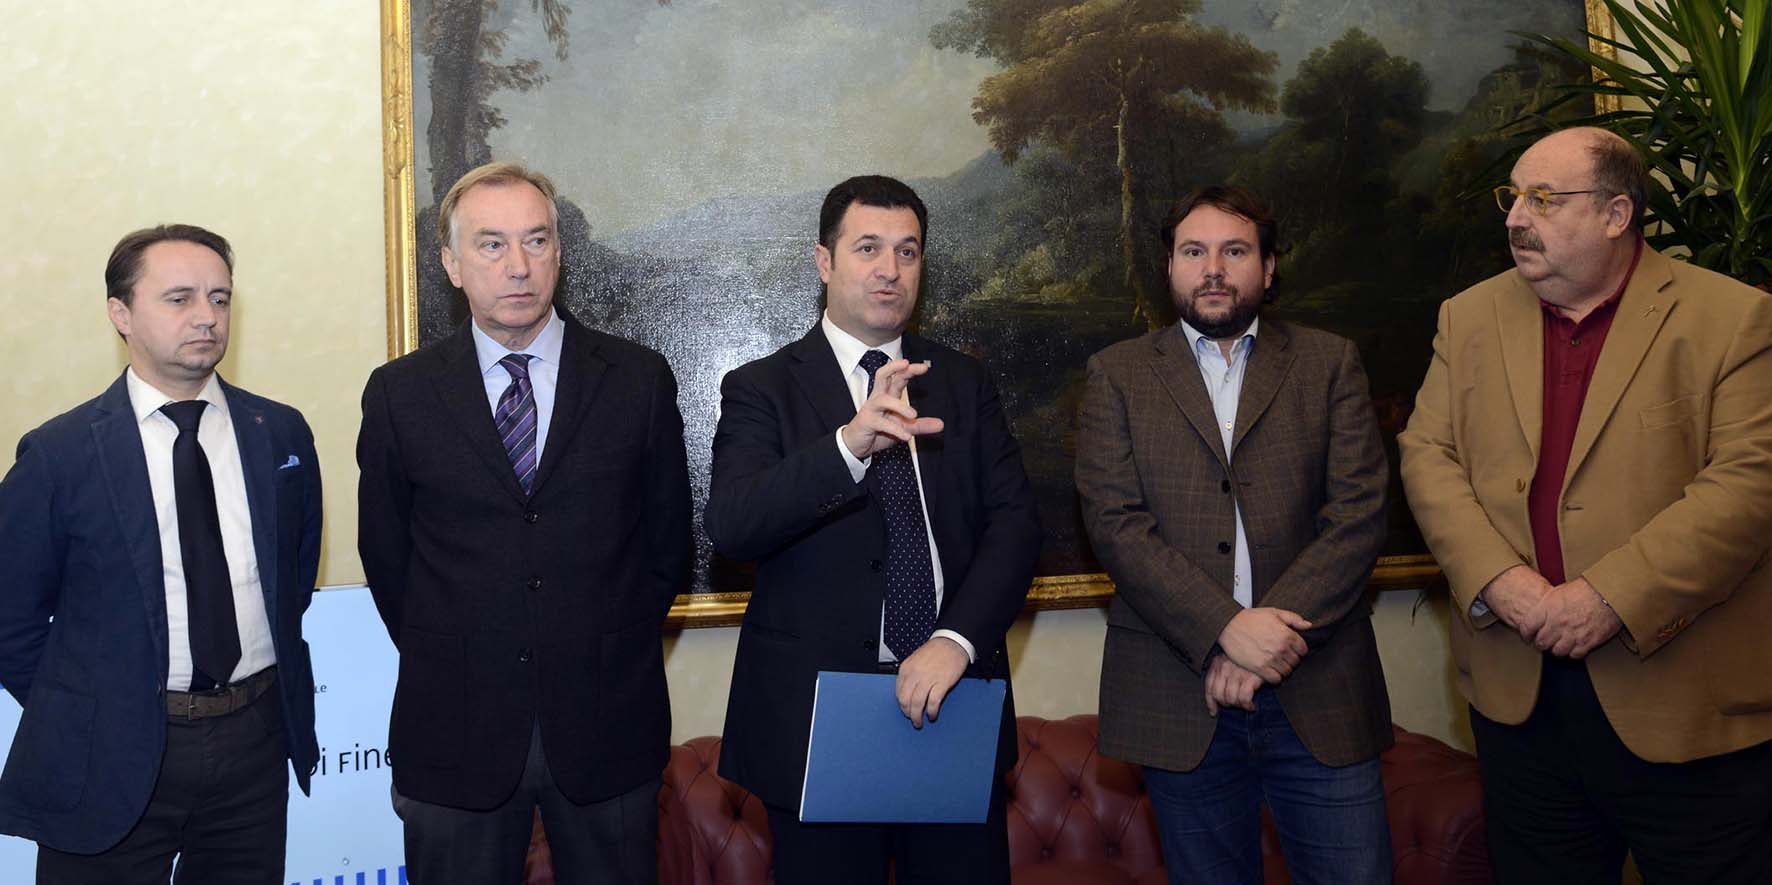 consiglio regionae fvg conferenza stampa bilancio fien anno iacop con ufficio di presidenza